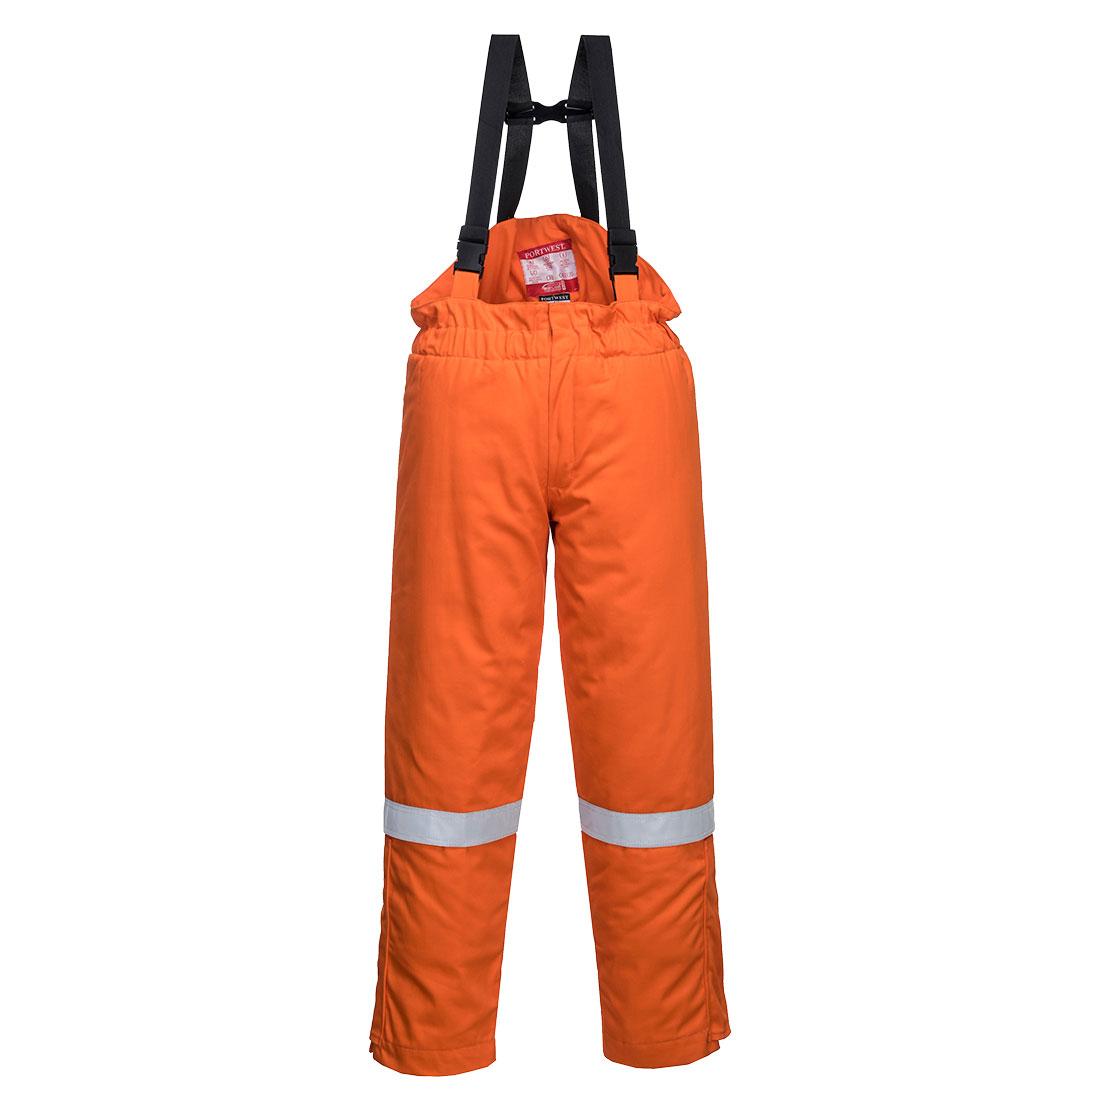 FR Winter Bib & Brace Orange XXL